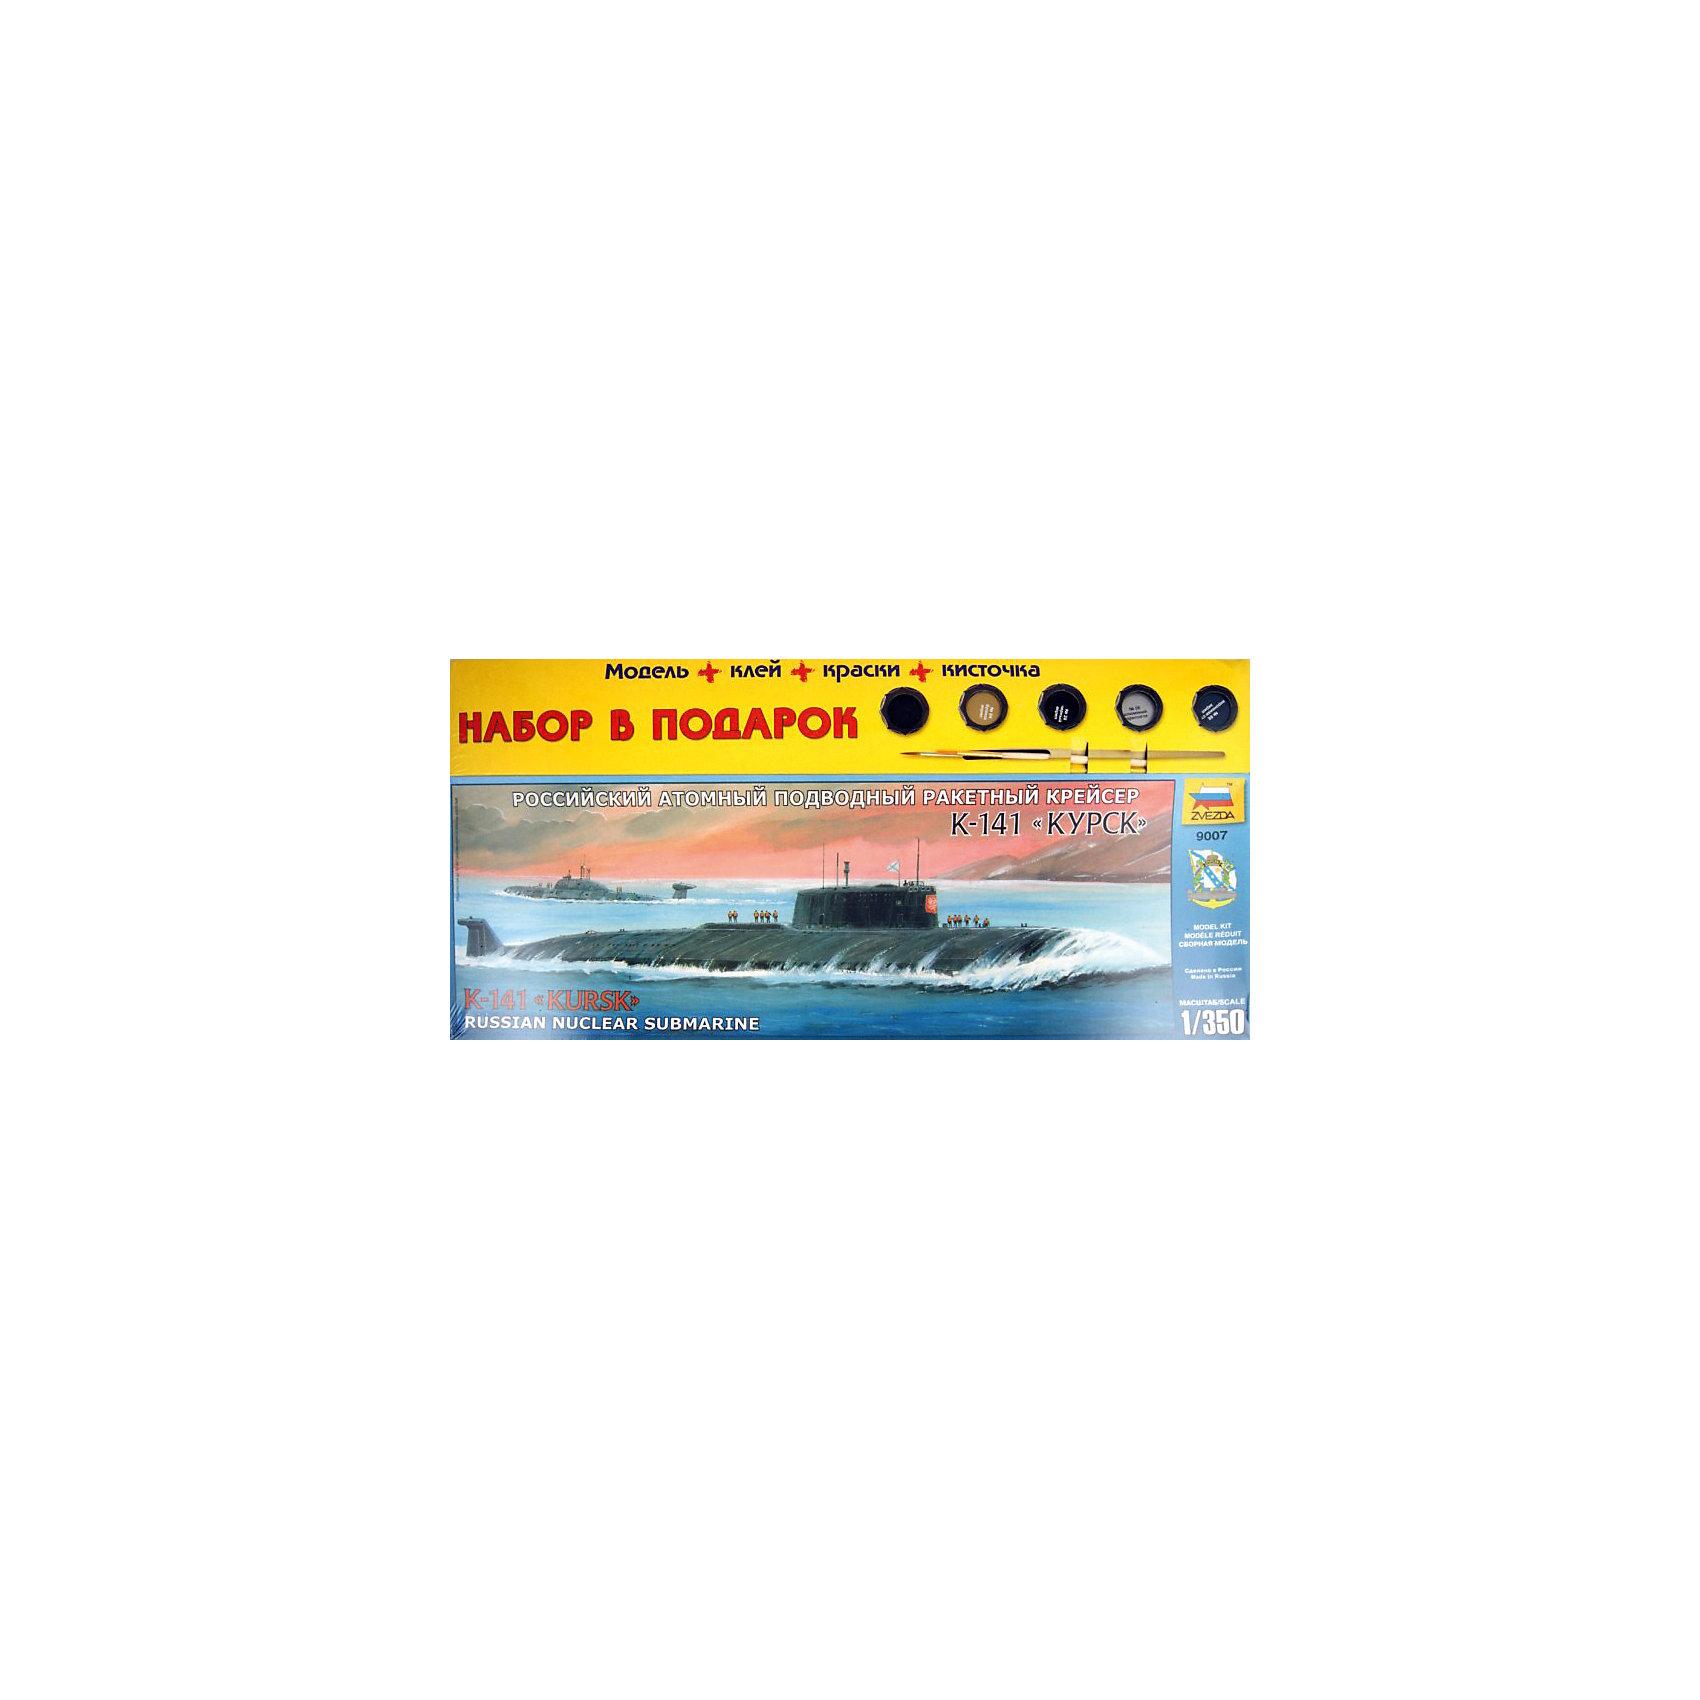 Сборная модель Звезда Российская АПЛ Курск, 1:350 (подарочный набор)Модели для склеивания<br>Набор подарочный-сборка Подводная лодка Курск44,5см (Россия)<br><br>Ширина мм: 475<br>Глубина мм: 65<br>Высота мм: 230<br>Вес г: 690<br>Возраст от месяцев: 36<br>Возраст до месяцев: 180<br>Пол: Мужской<br>Возраст: Детский<br>SKU: 7086588